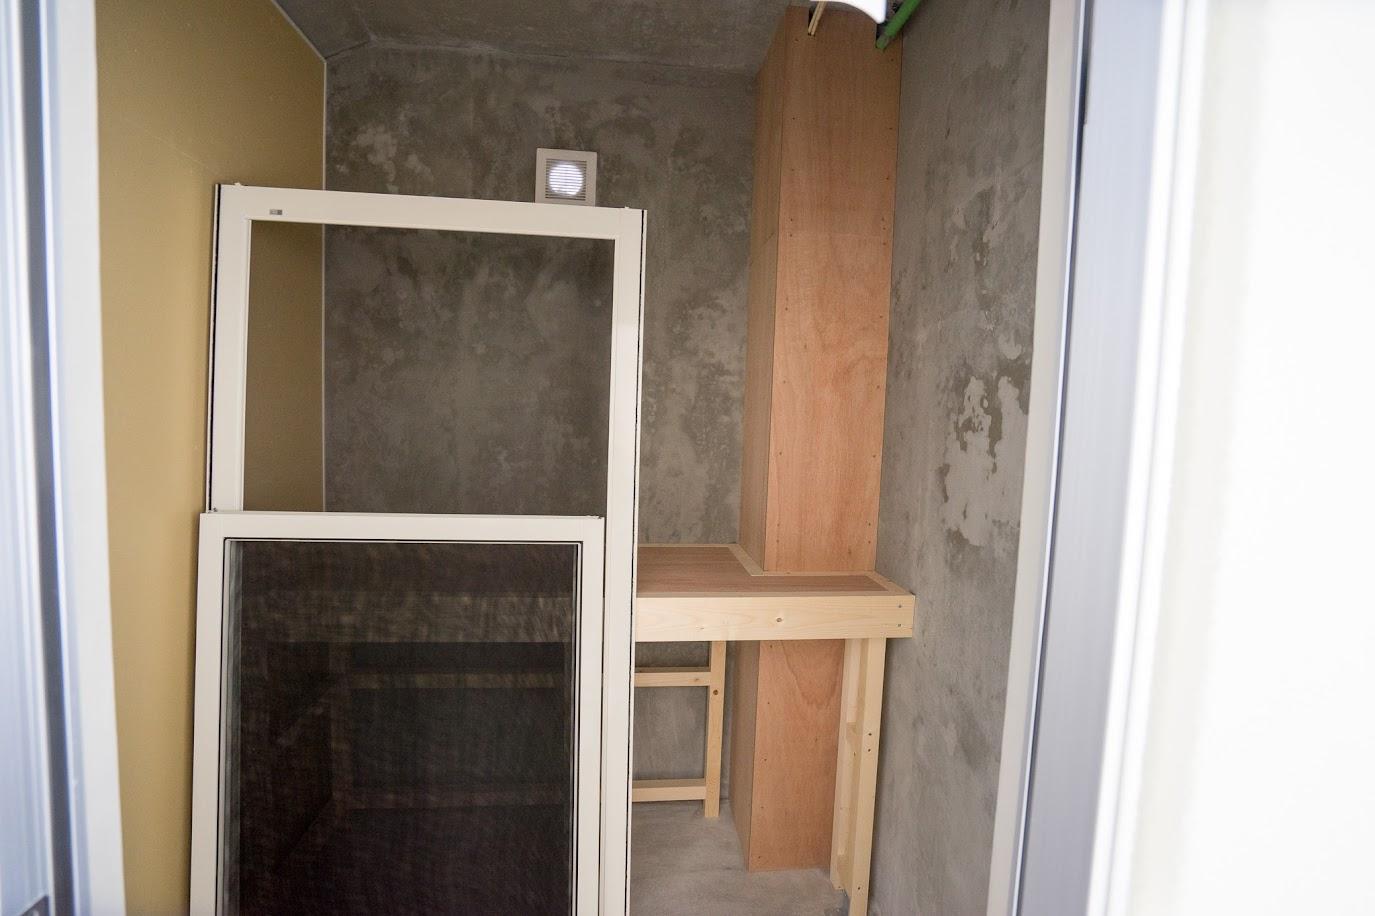 3LDK・納戸(1階廊下部分)・3号